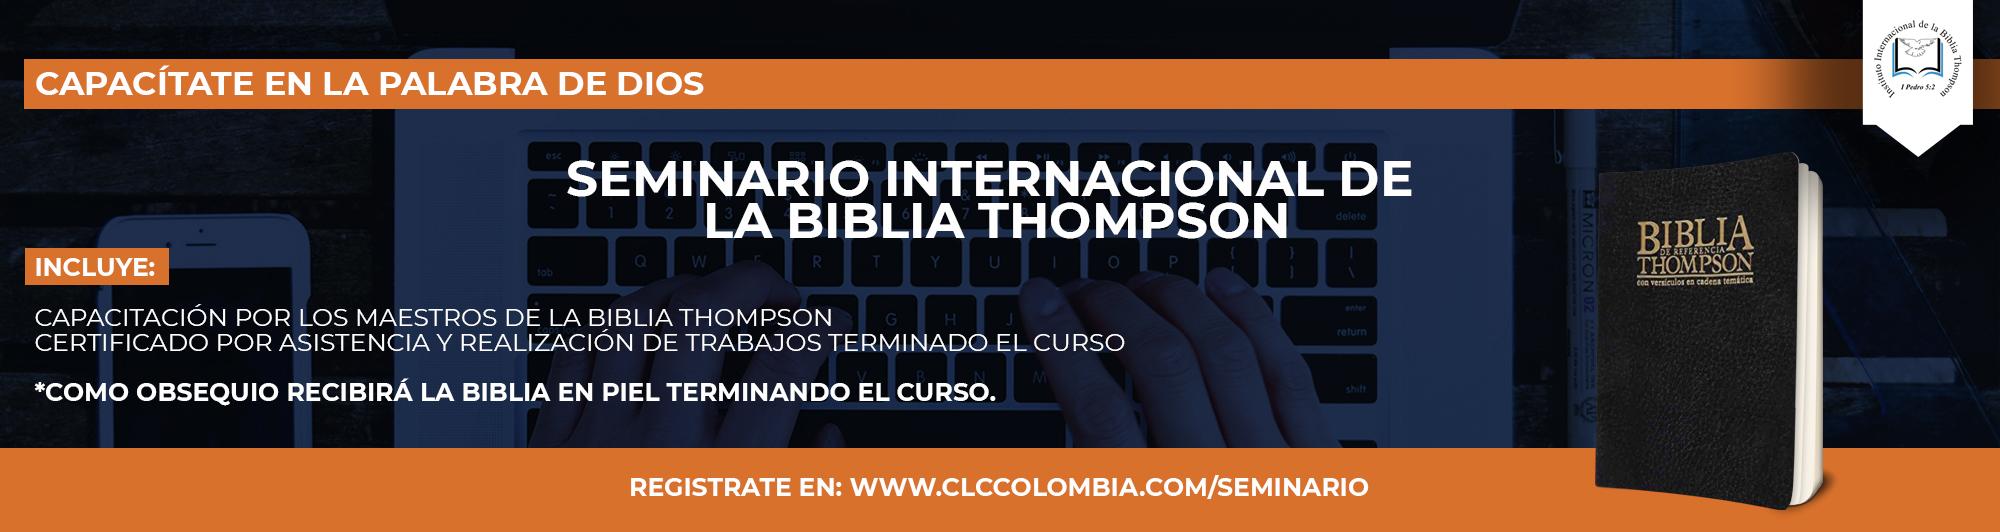 Seminario Thompson Colombia